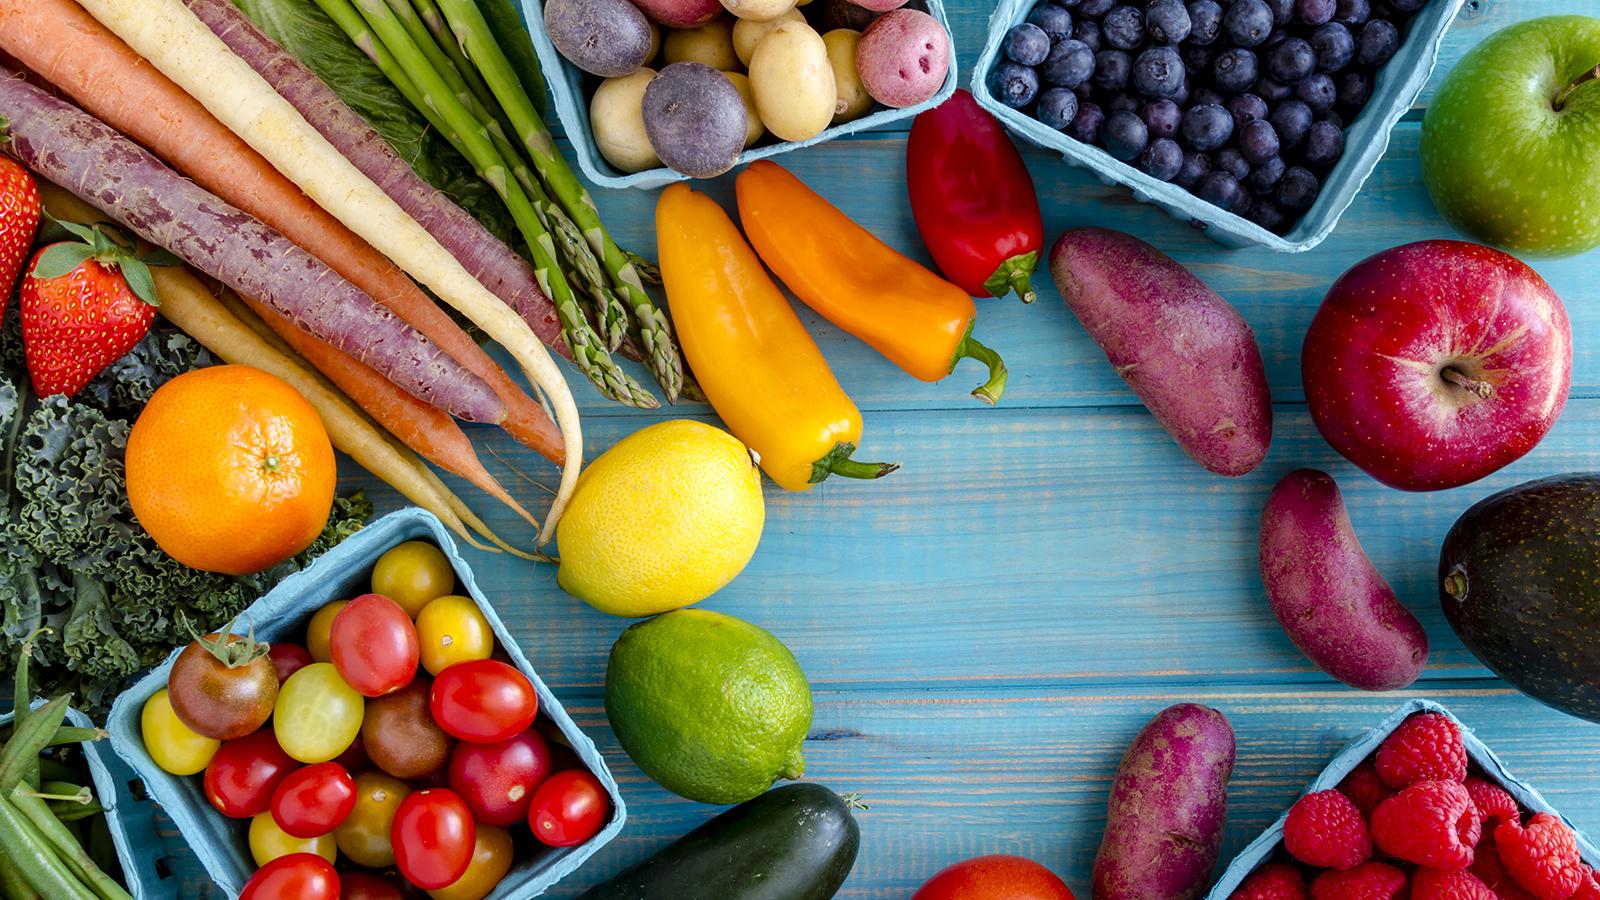 Bổ sung rau xanh trong thực đơn hàng ngày giúp hỗ trợ quá trình tầm soát ung thư